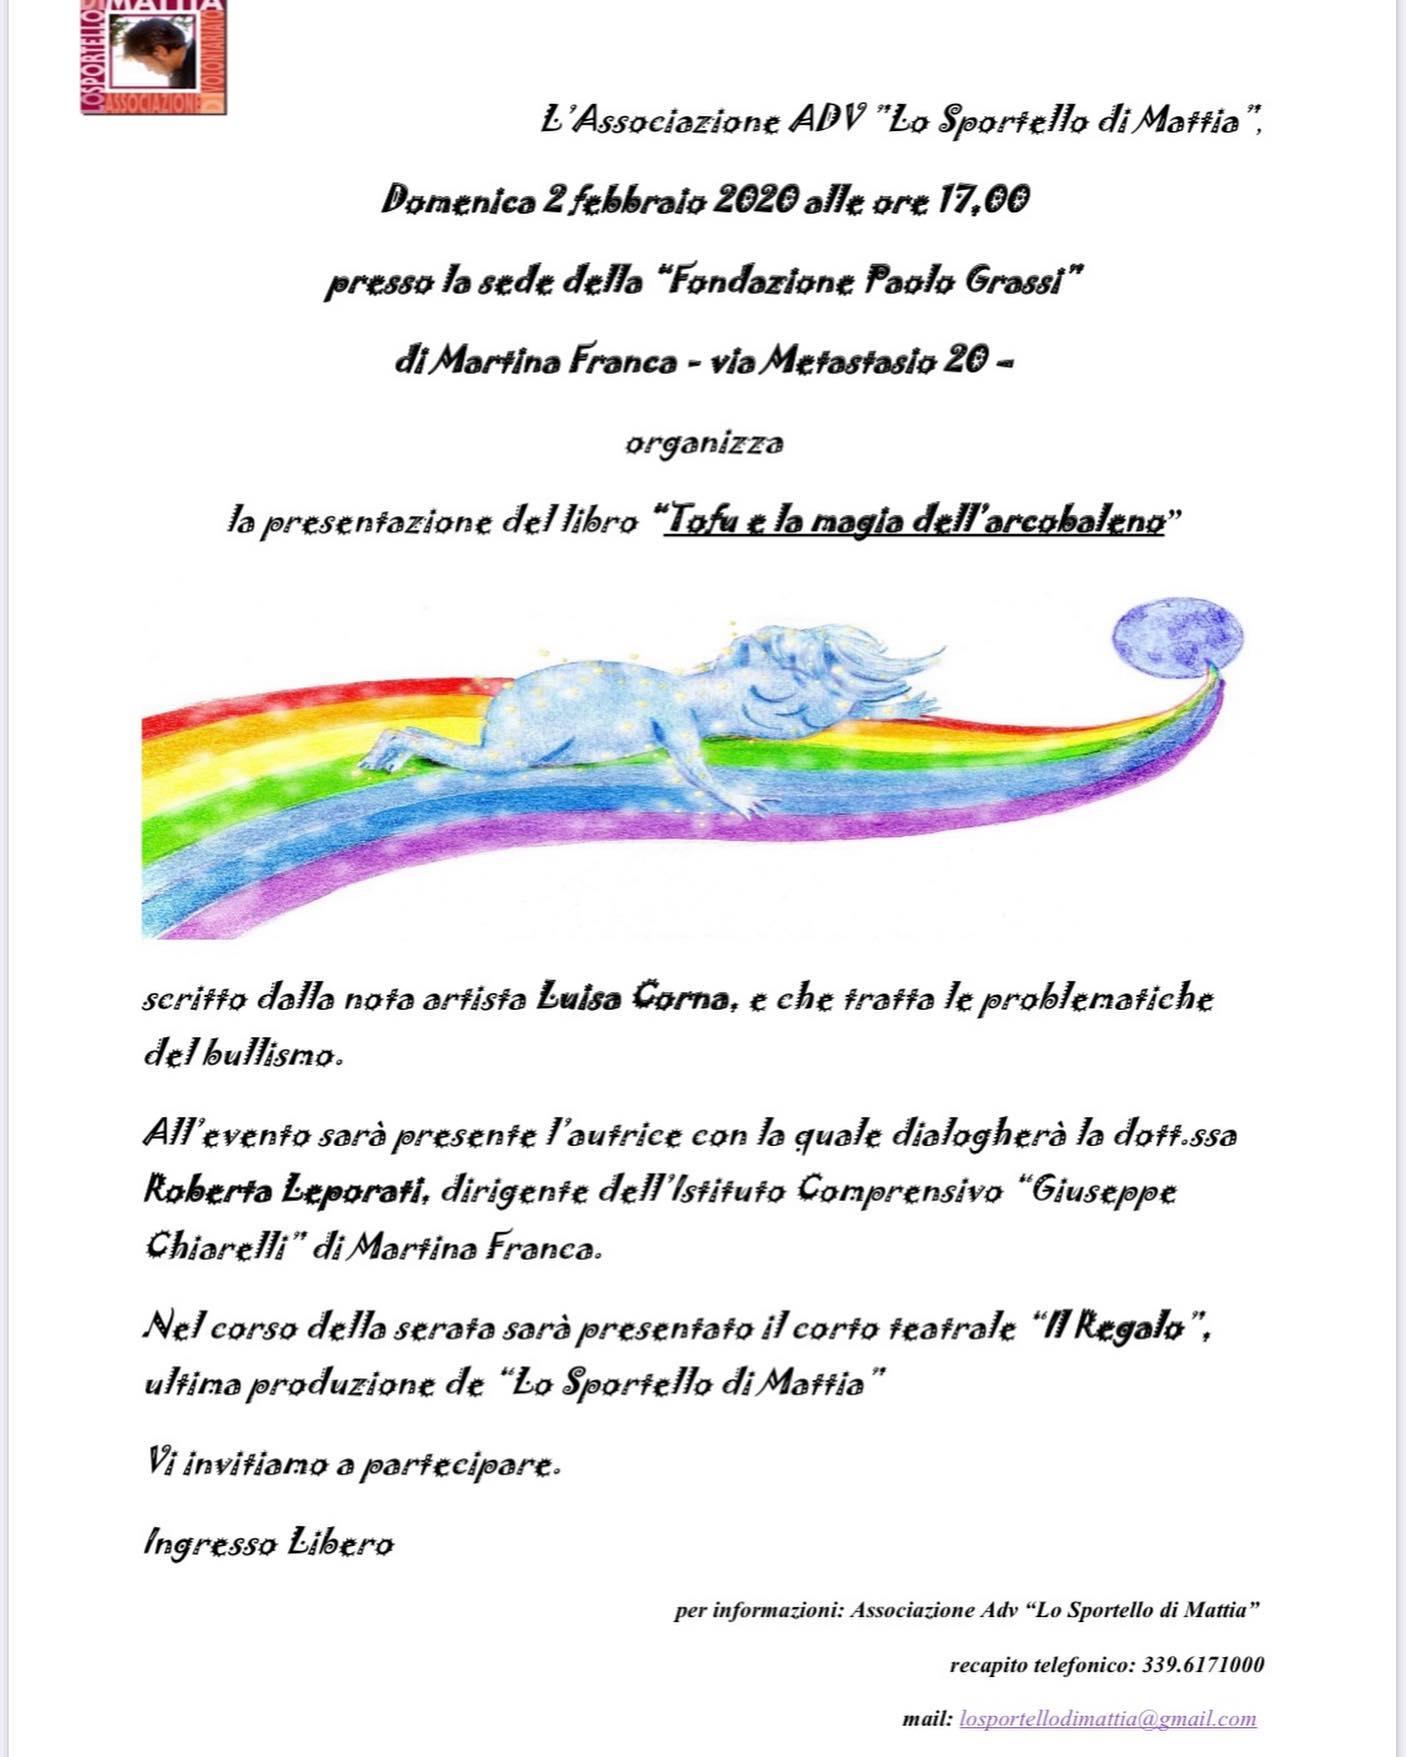 """2 FEBBRAIO 2020 PRESENTAZIONE DEL LIBRO """"TOFU E LA MAGIA DELL'ARCOBALENO MARTINA FRANCA (PUGLIA)"""